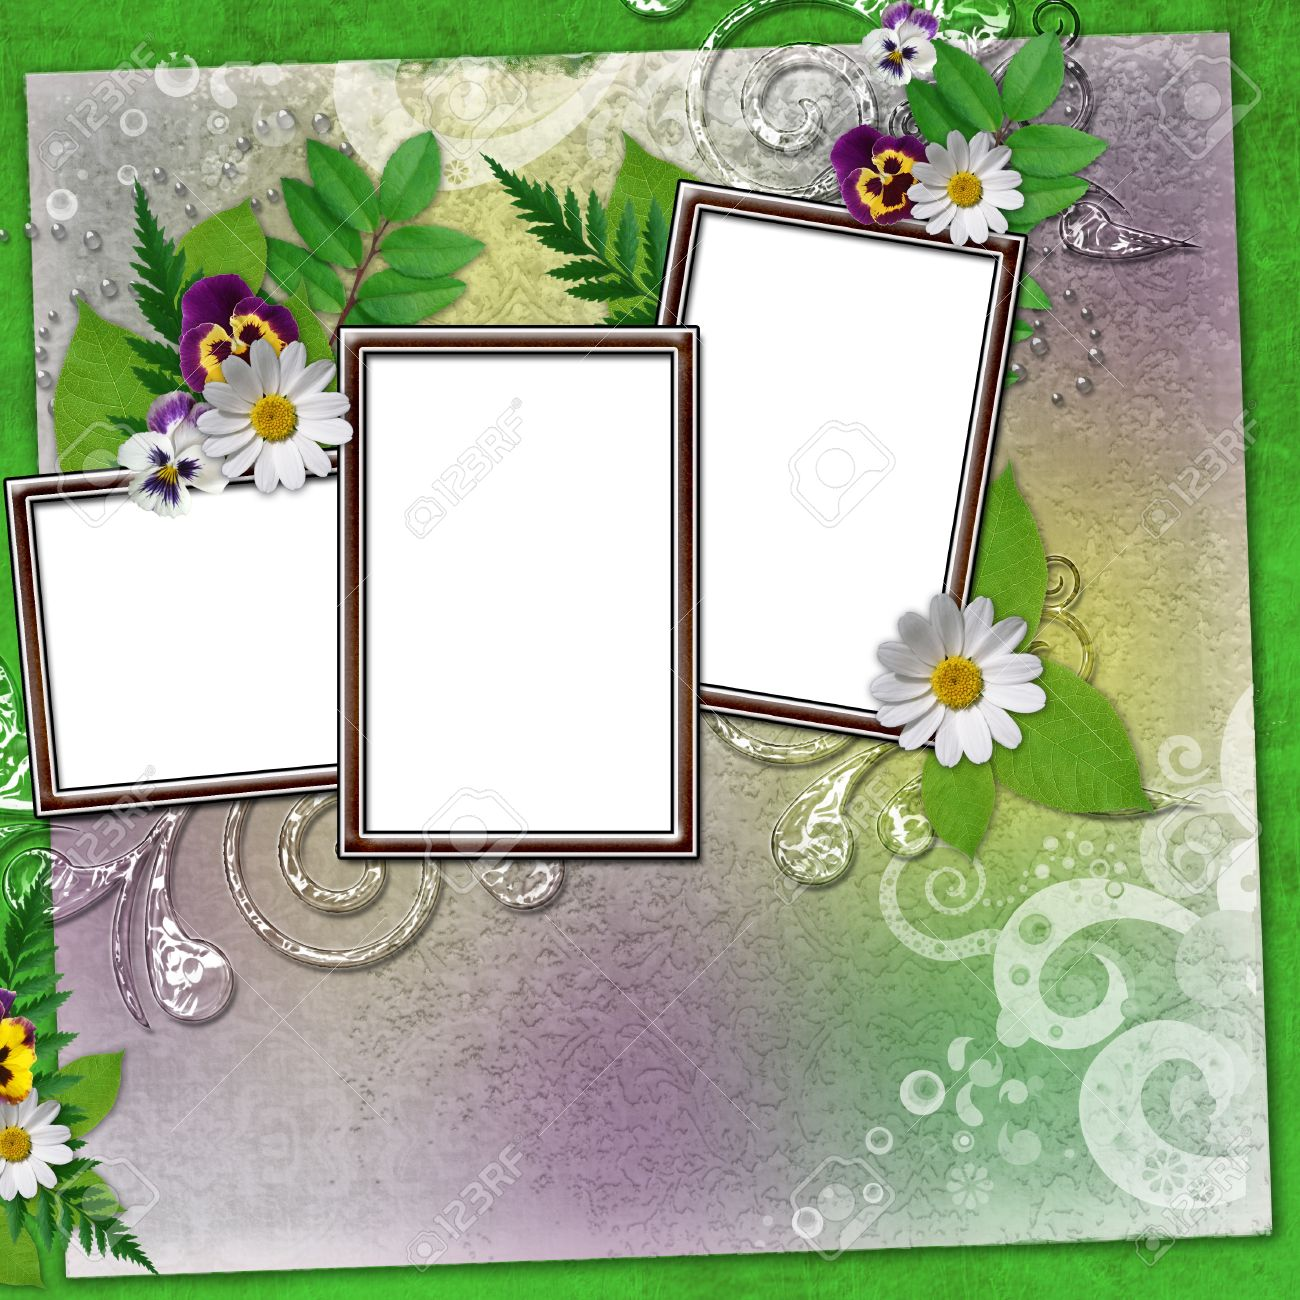 Famoso 3 Fotos Marco De Foto Friso - Ideas Personalizadas de Marco ...